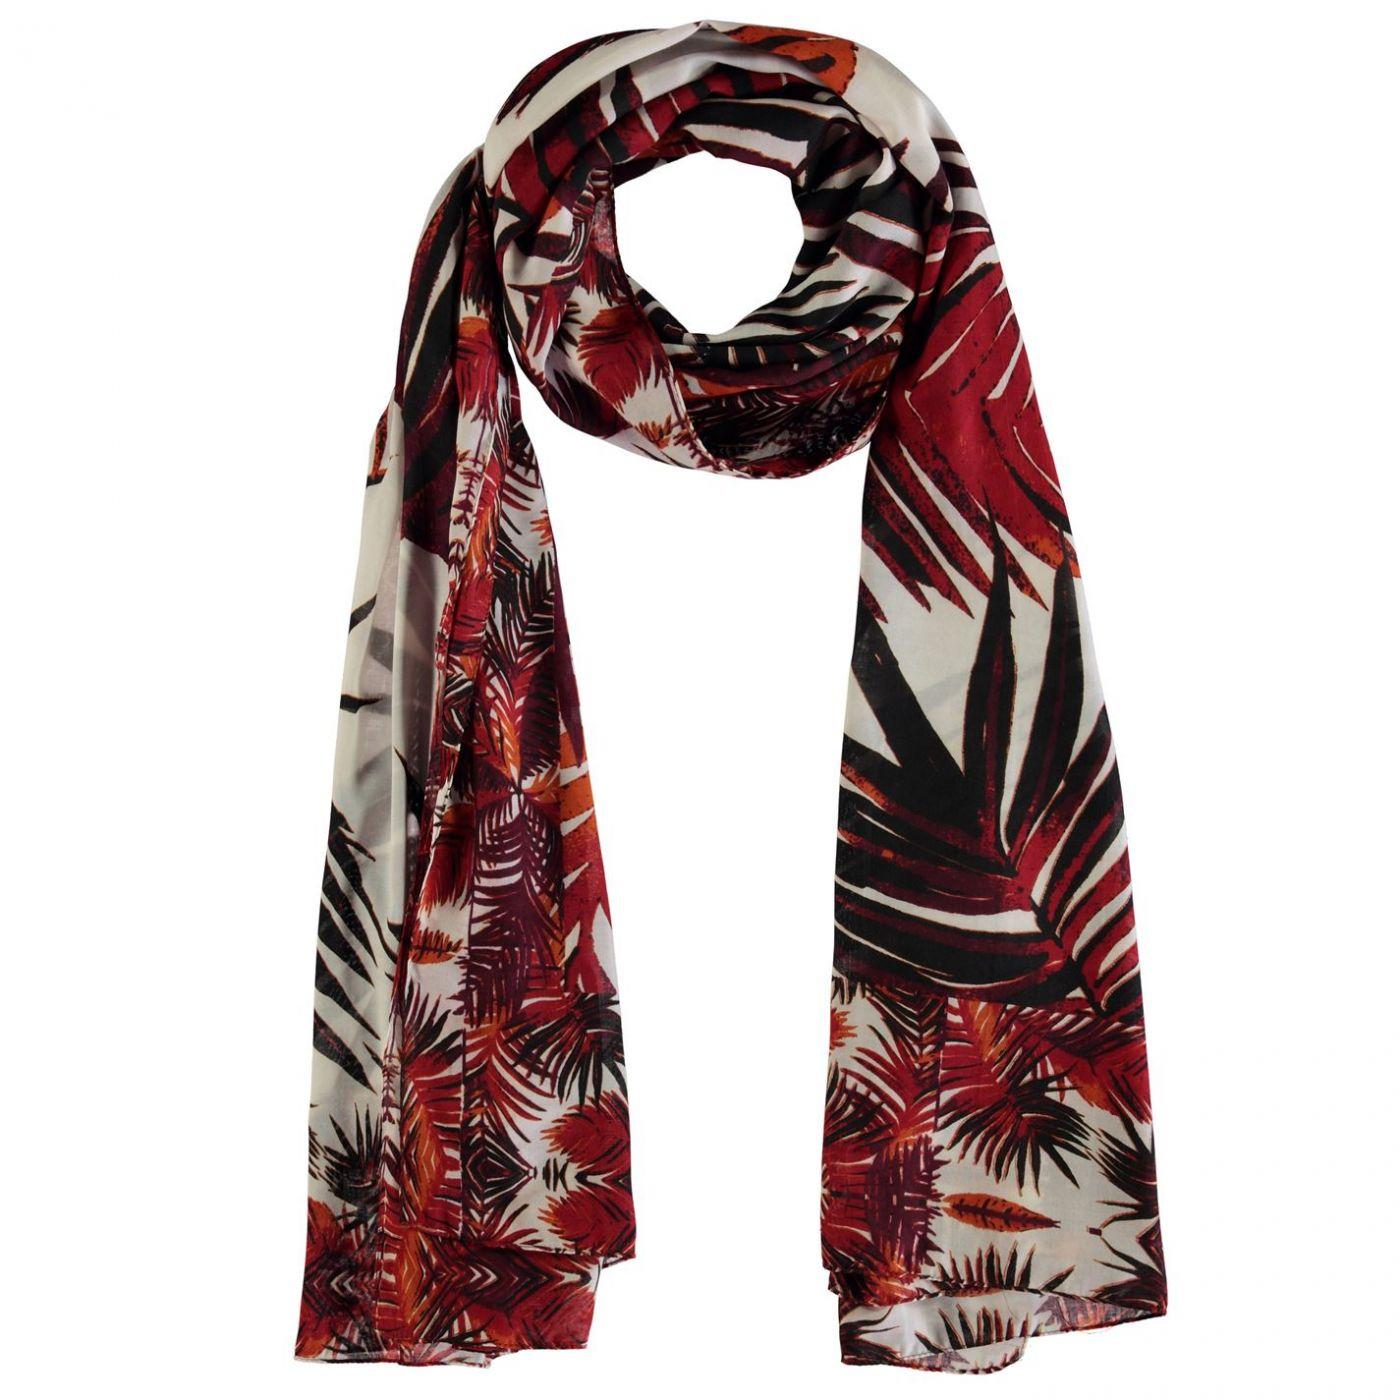 Biba Spicy palm beach scarf